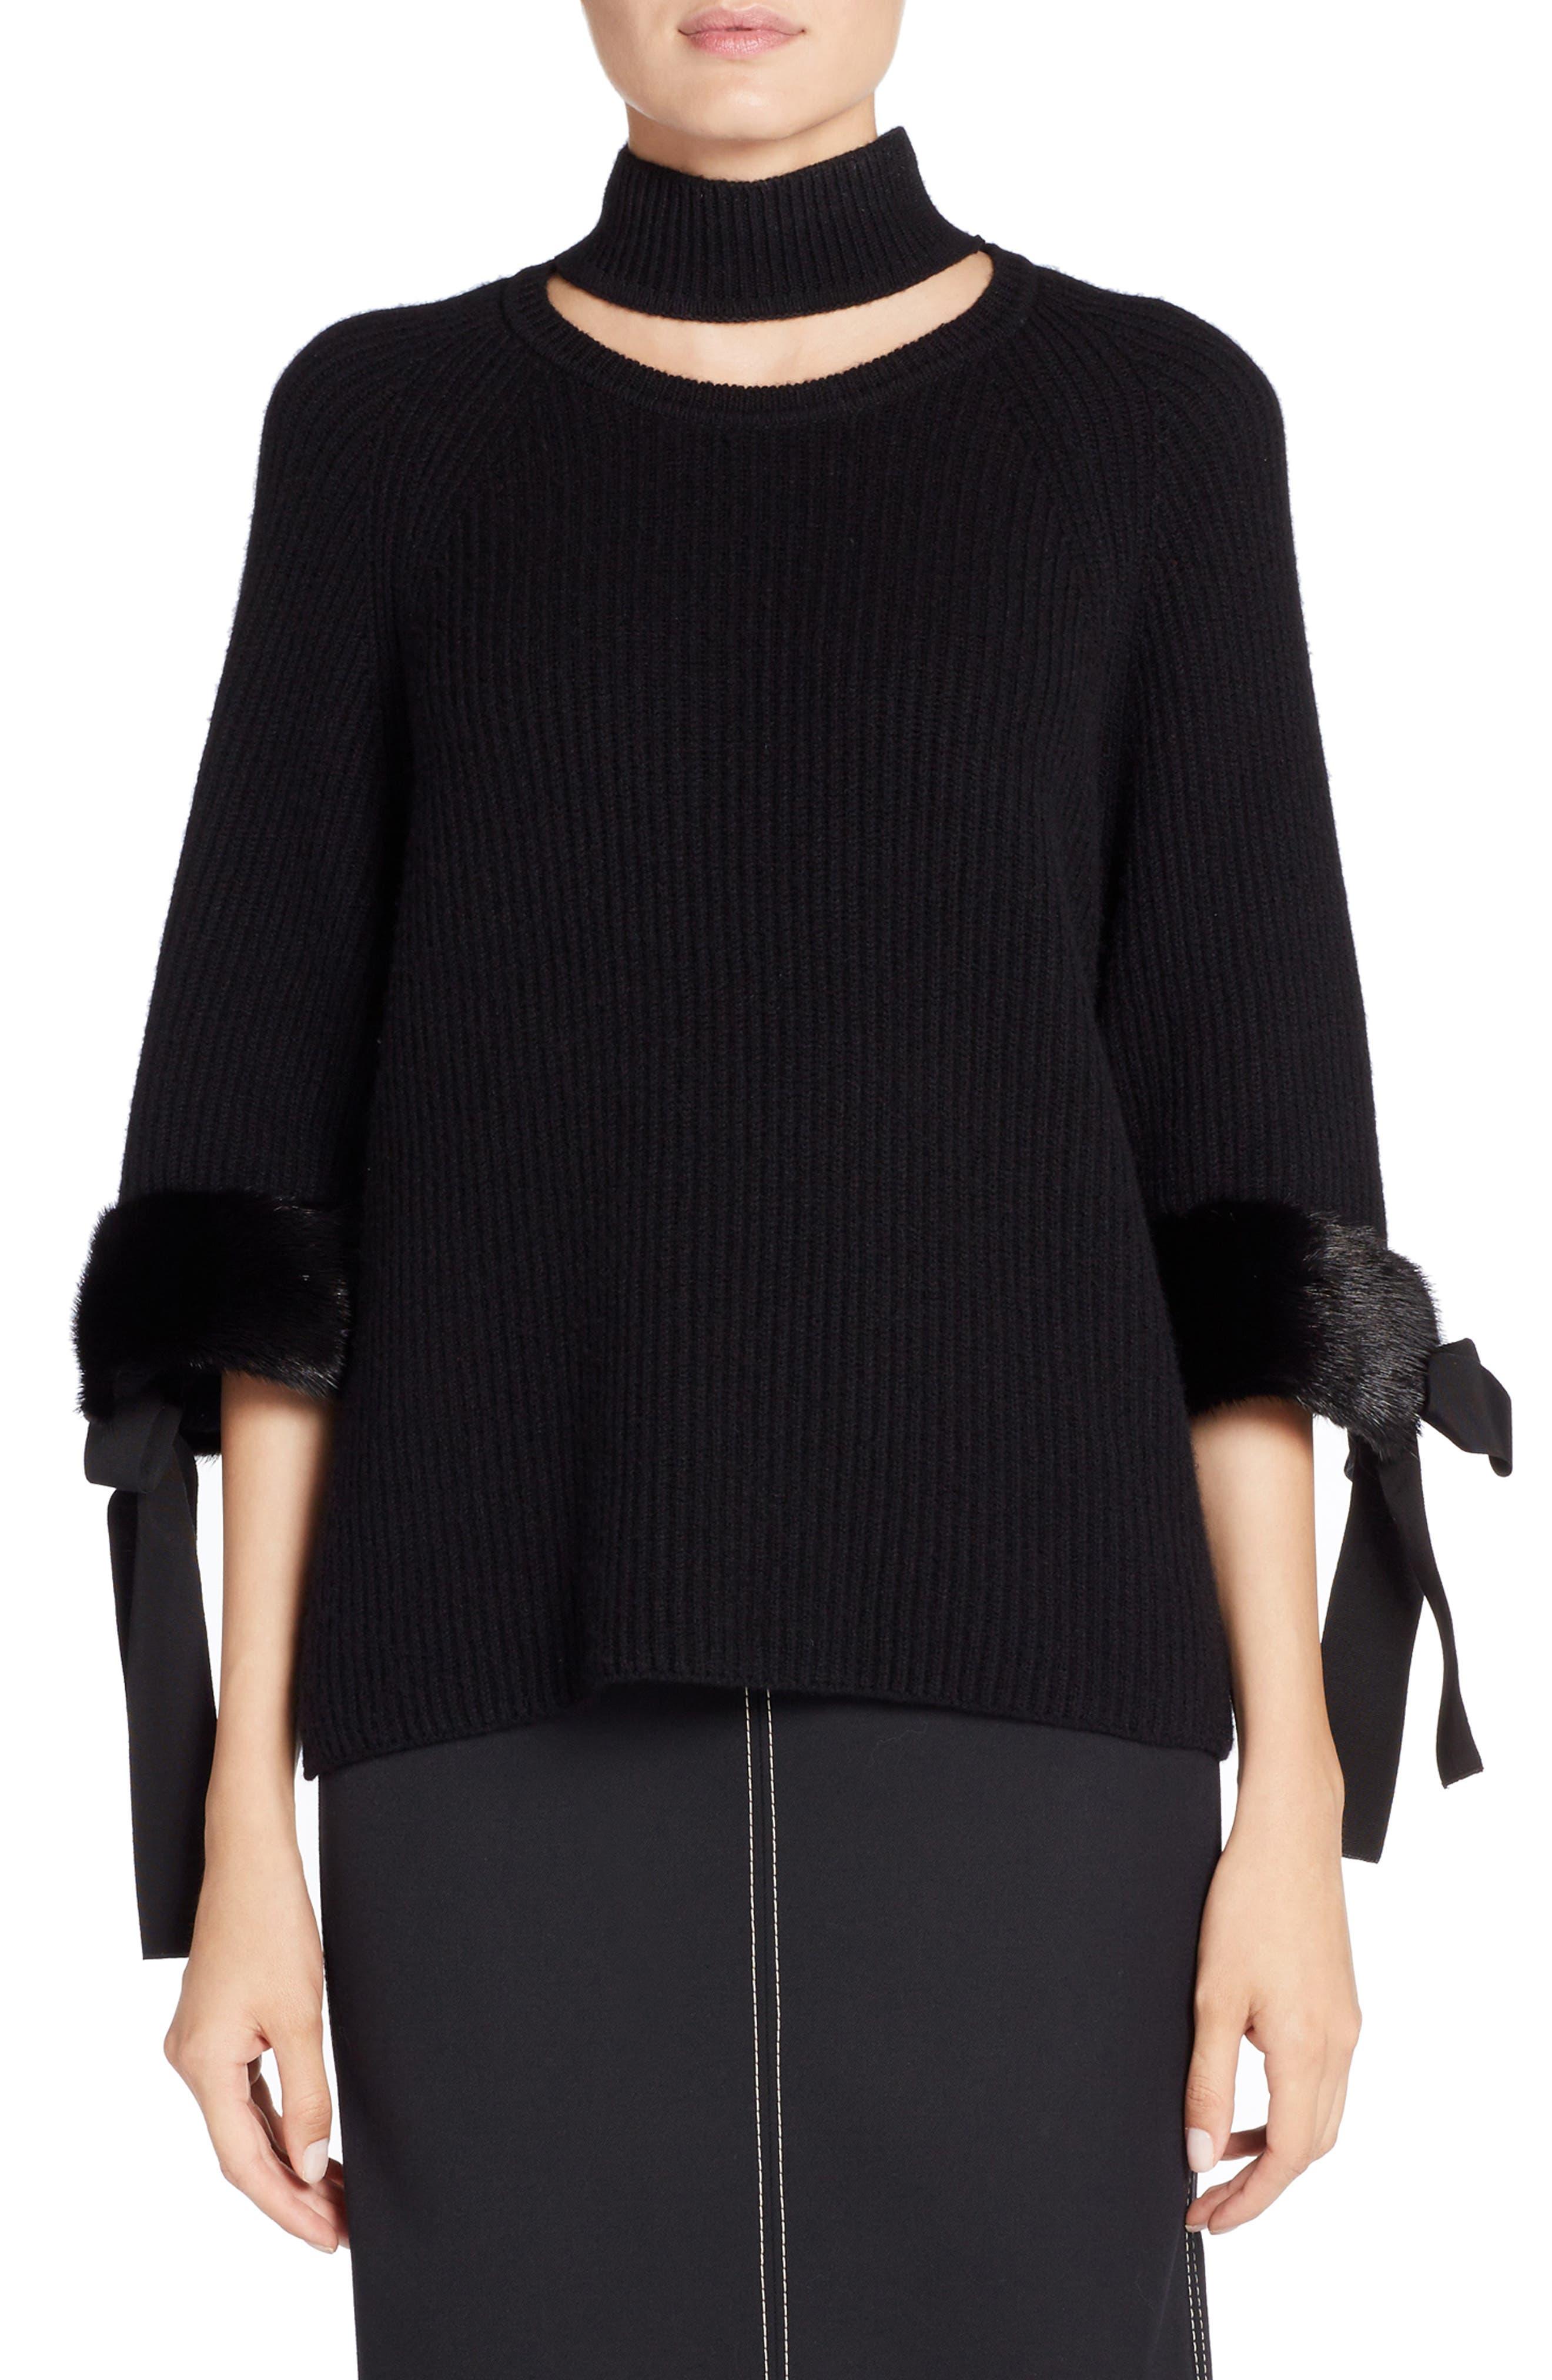 Cashmere & Genuine Mink Fur Sweater,                             Main thumbnail 1, color,                             BLACK